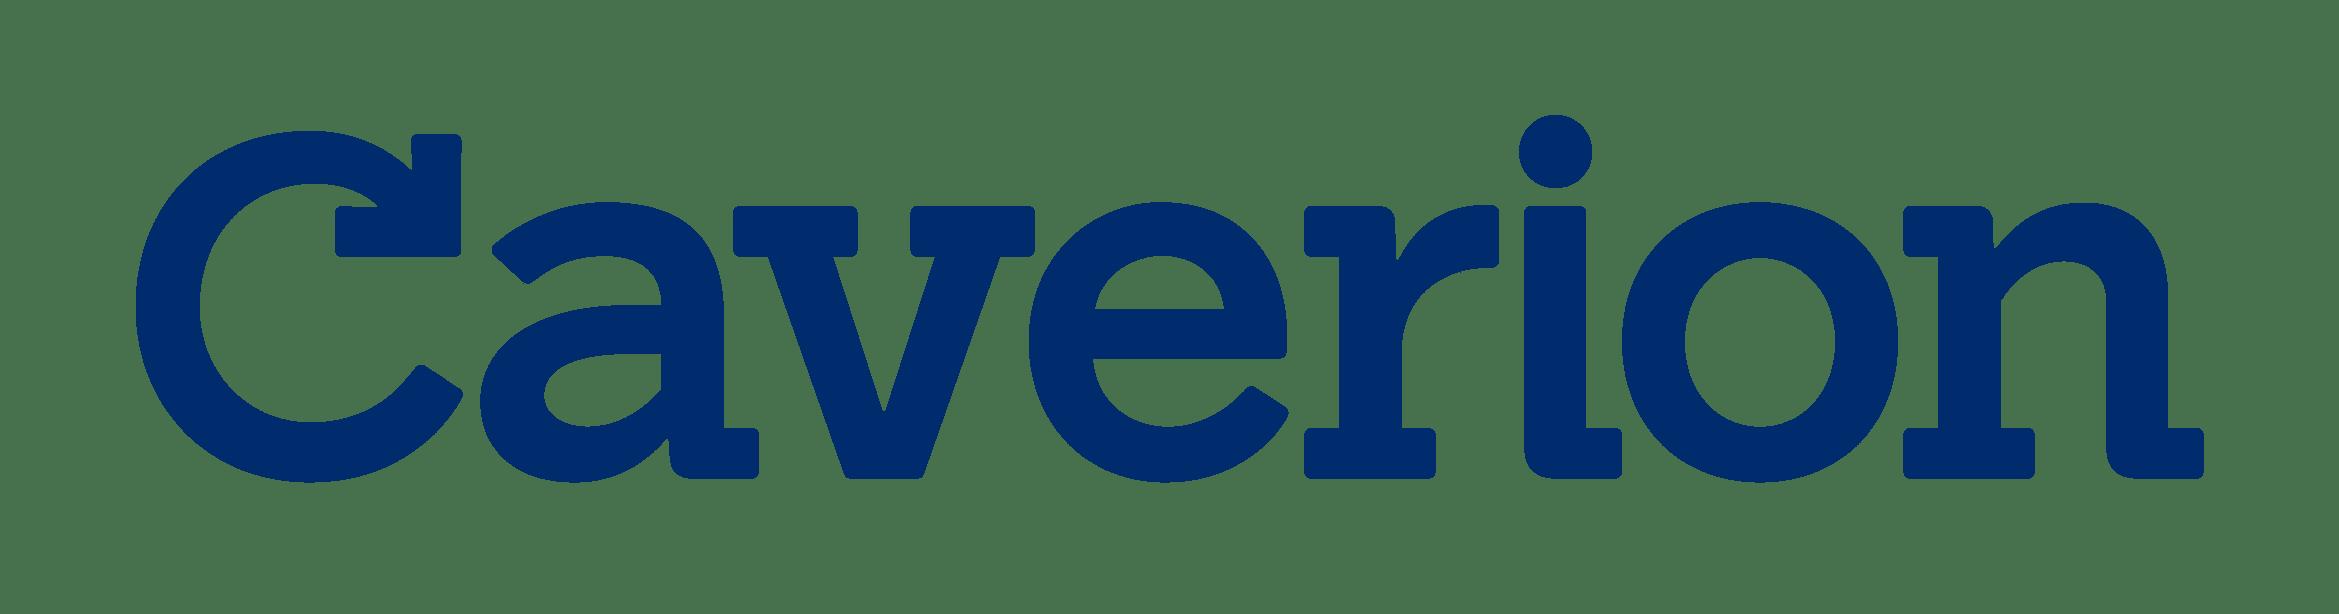 Caverion Logo | BLH Lüftungstechnik Hennen